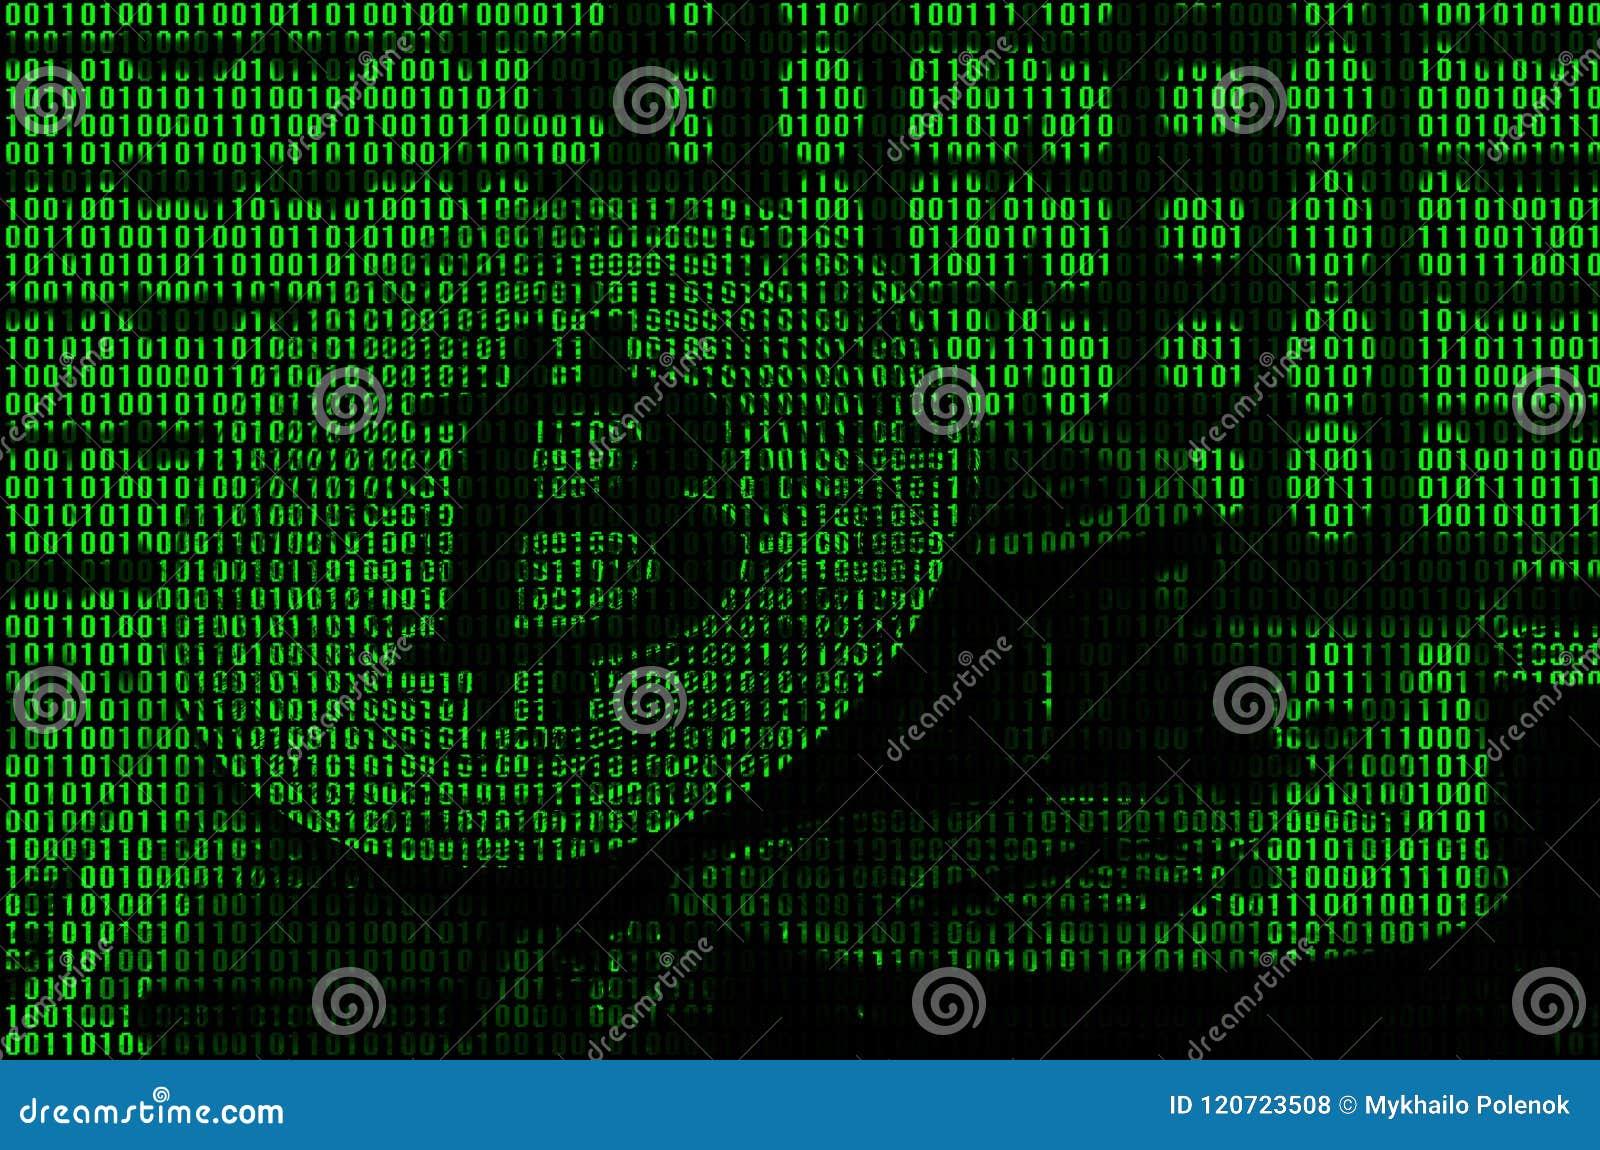 Εικόνα του δυαδικού κώδικα από τα βεραμάν ψηφία, μέσω των οποίων η εικόνα του φυσικού bitcoin